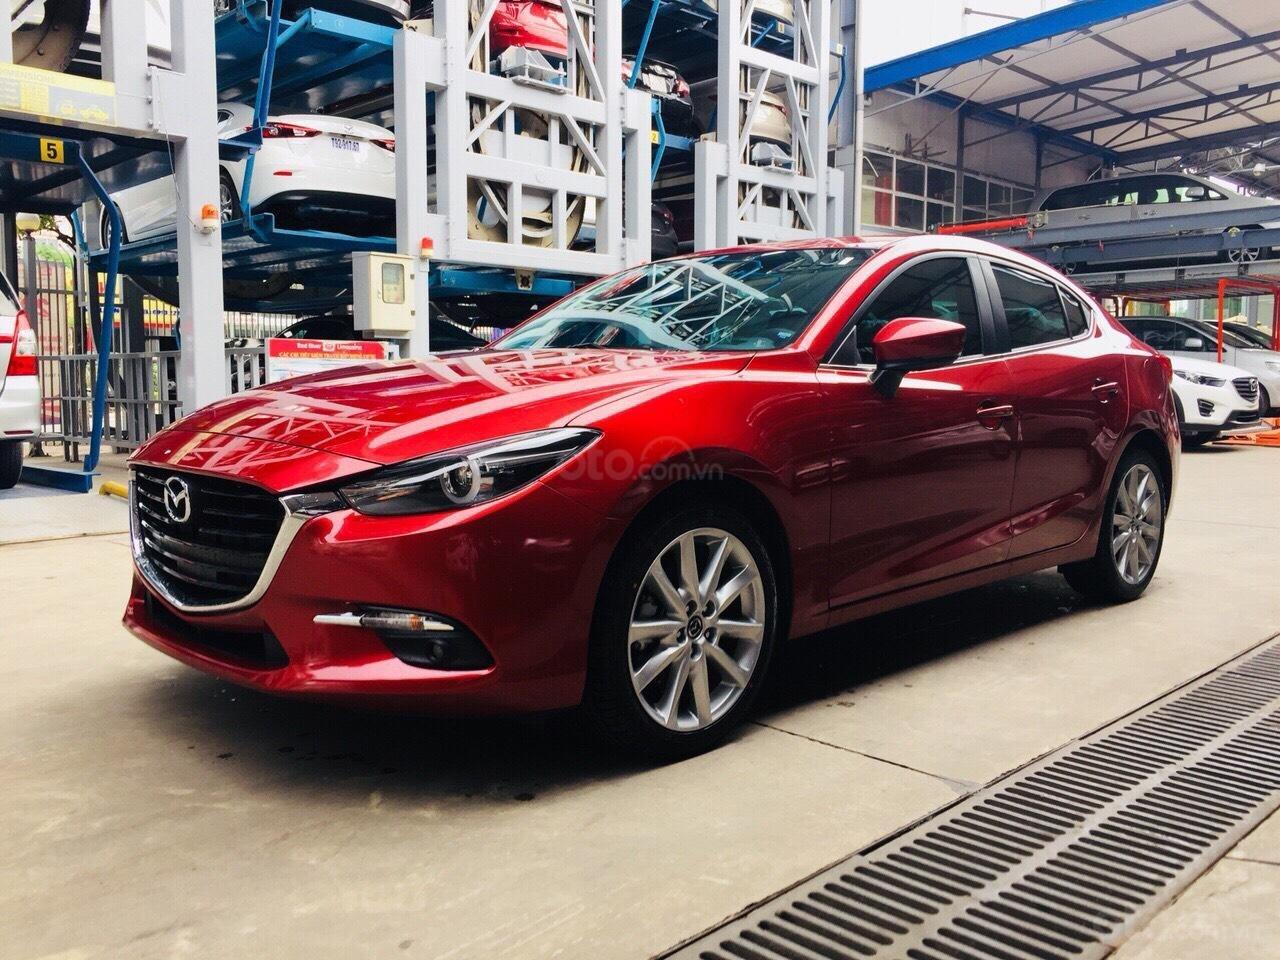 Chỉ 180tr nhận Mazda 3 tháng 10 giảm giá 70tr TG 90%, đủ màu, hỗ trợ ĐKĐK, giải quyết nợ xấu, LH MS thu 0981485819 (1)